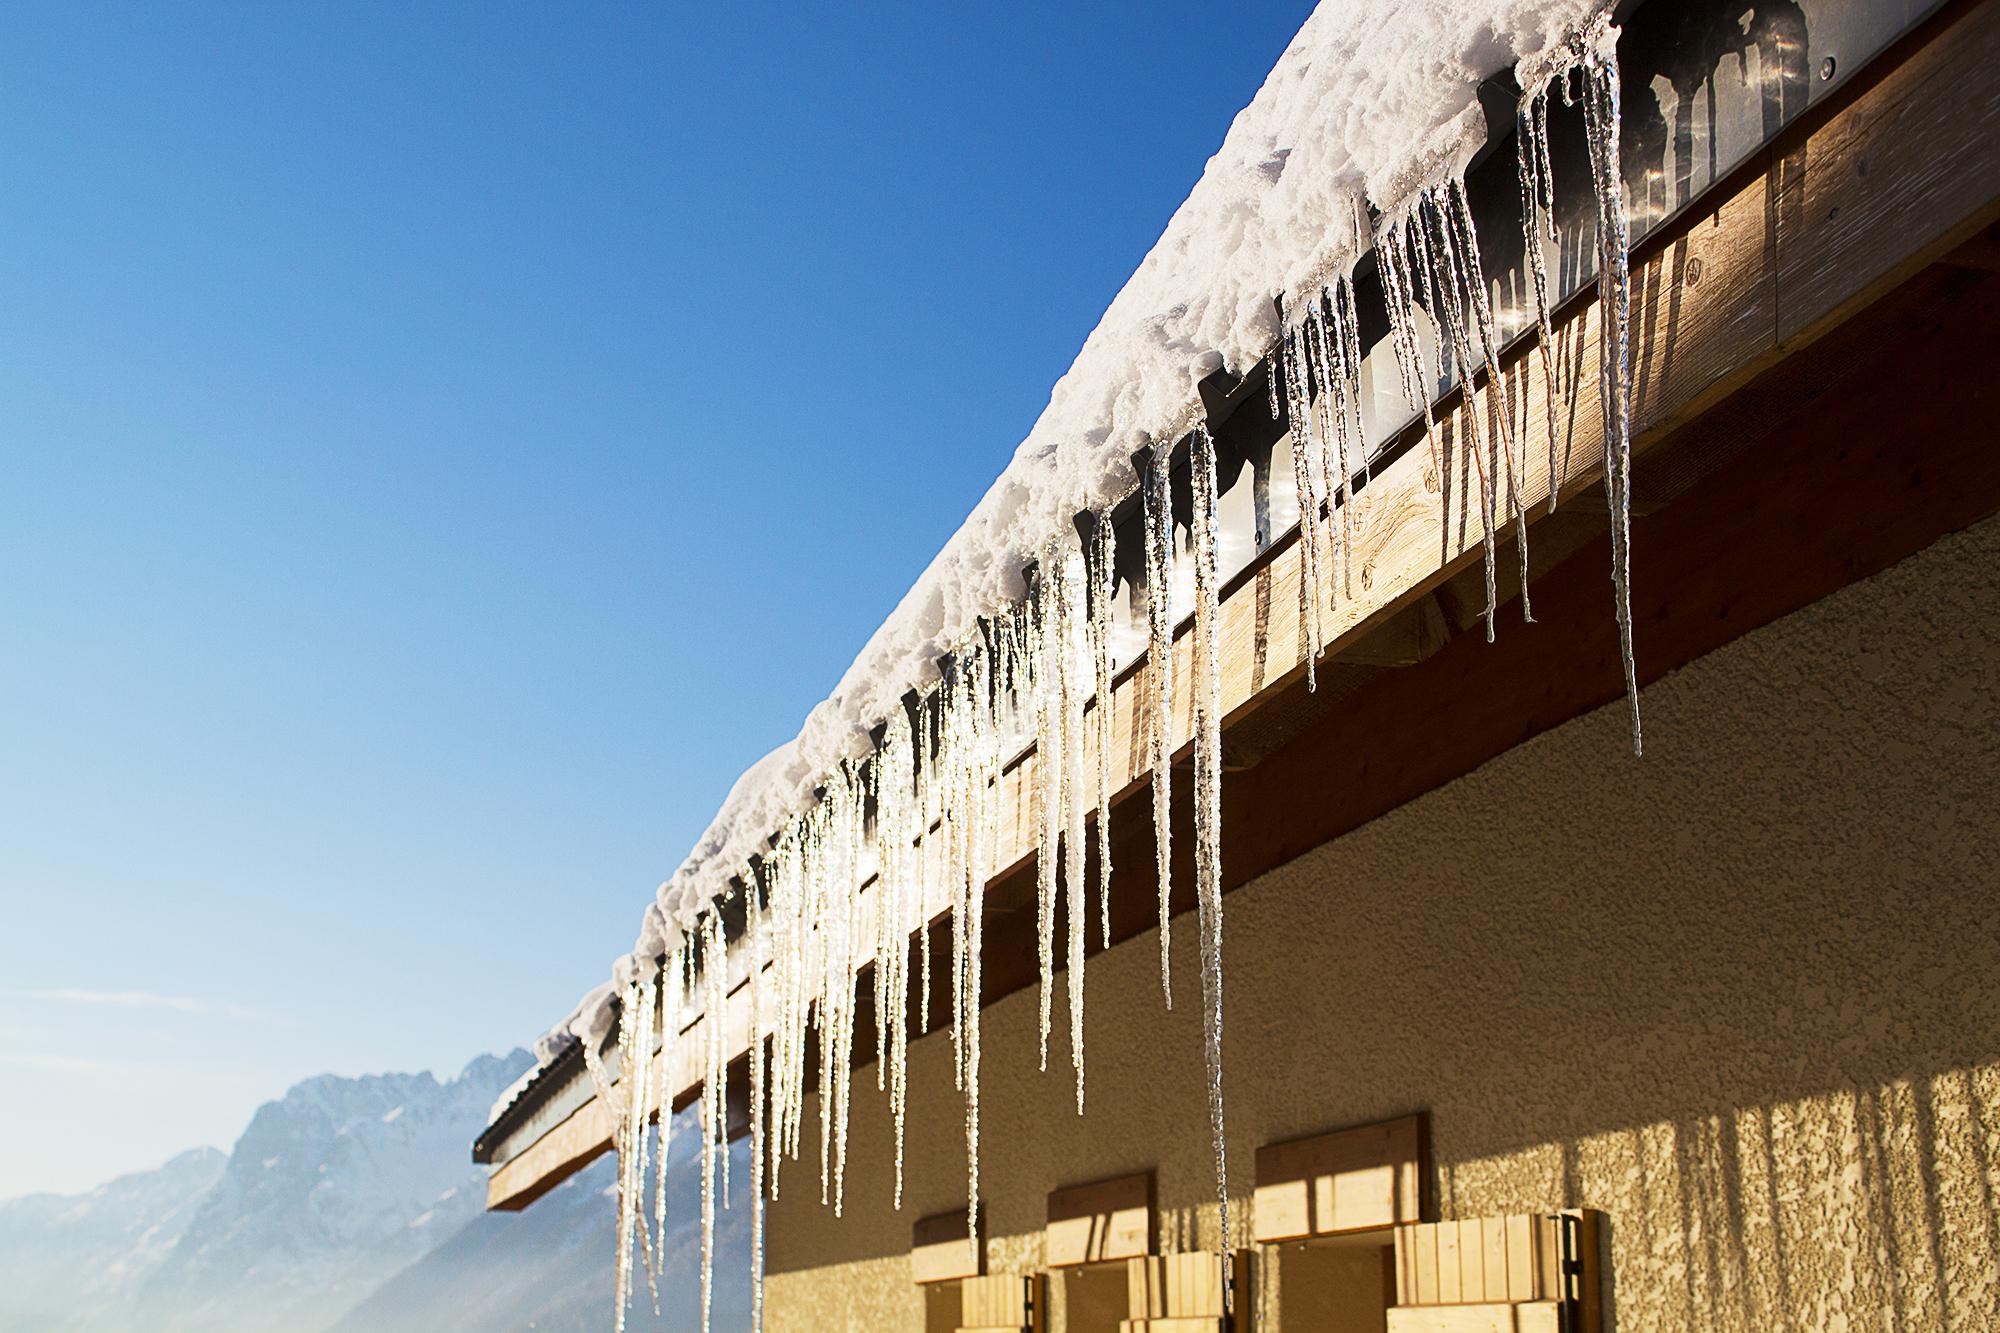 Frankrijk_winter_ijspegels_wacca_reisblog-1